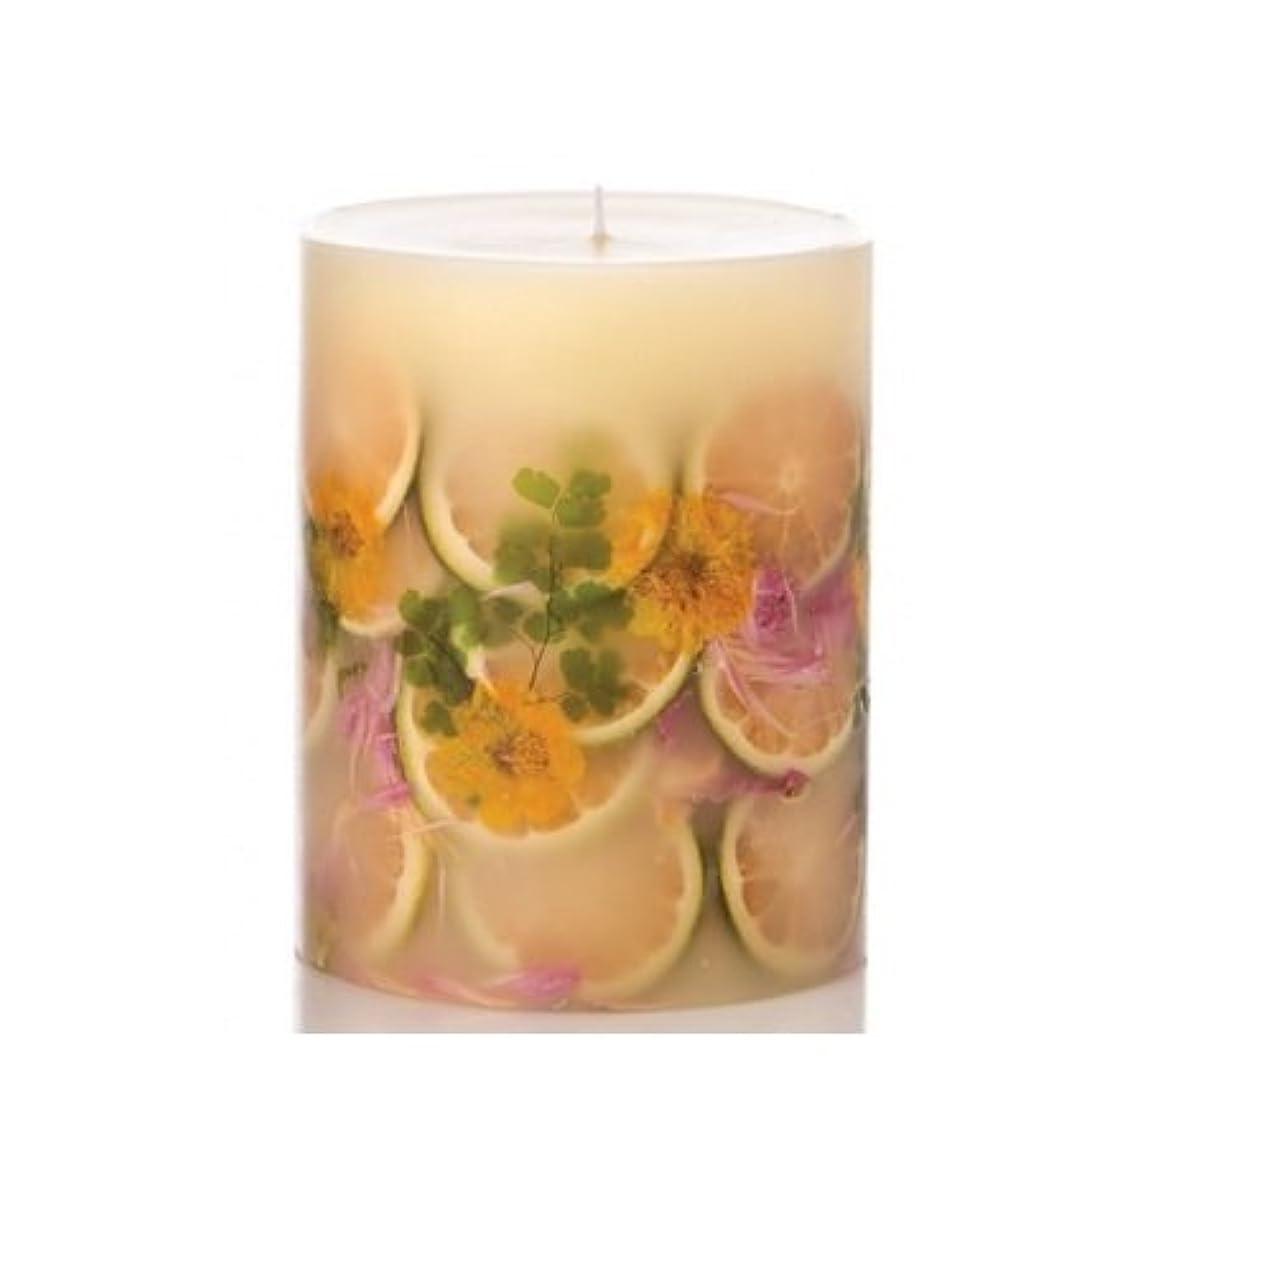 担当者測定可能ブランドRosy Rings Lemon Blossom & Lycheeトールラウンド香りのキャンドル、5